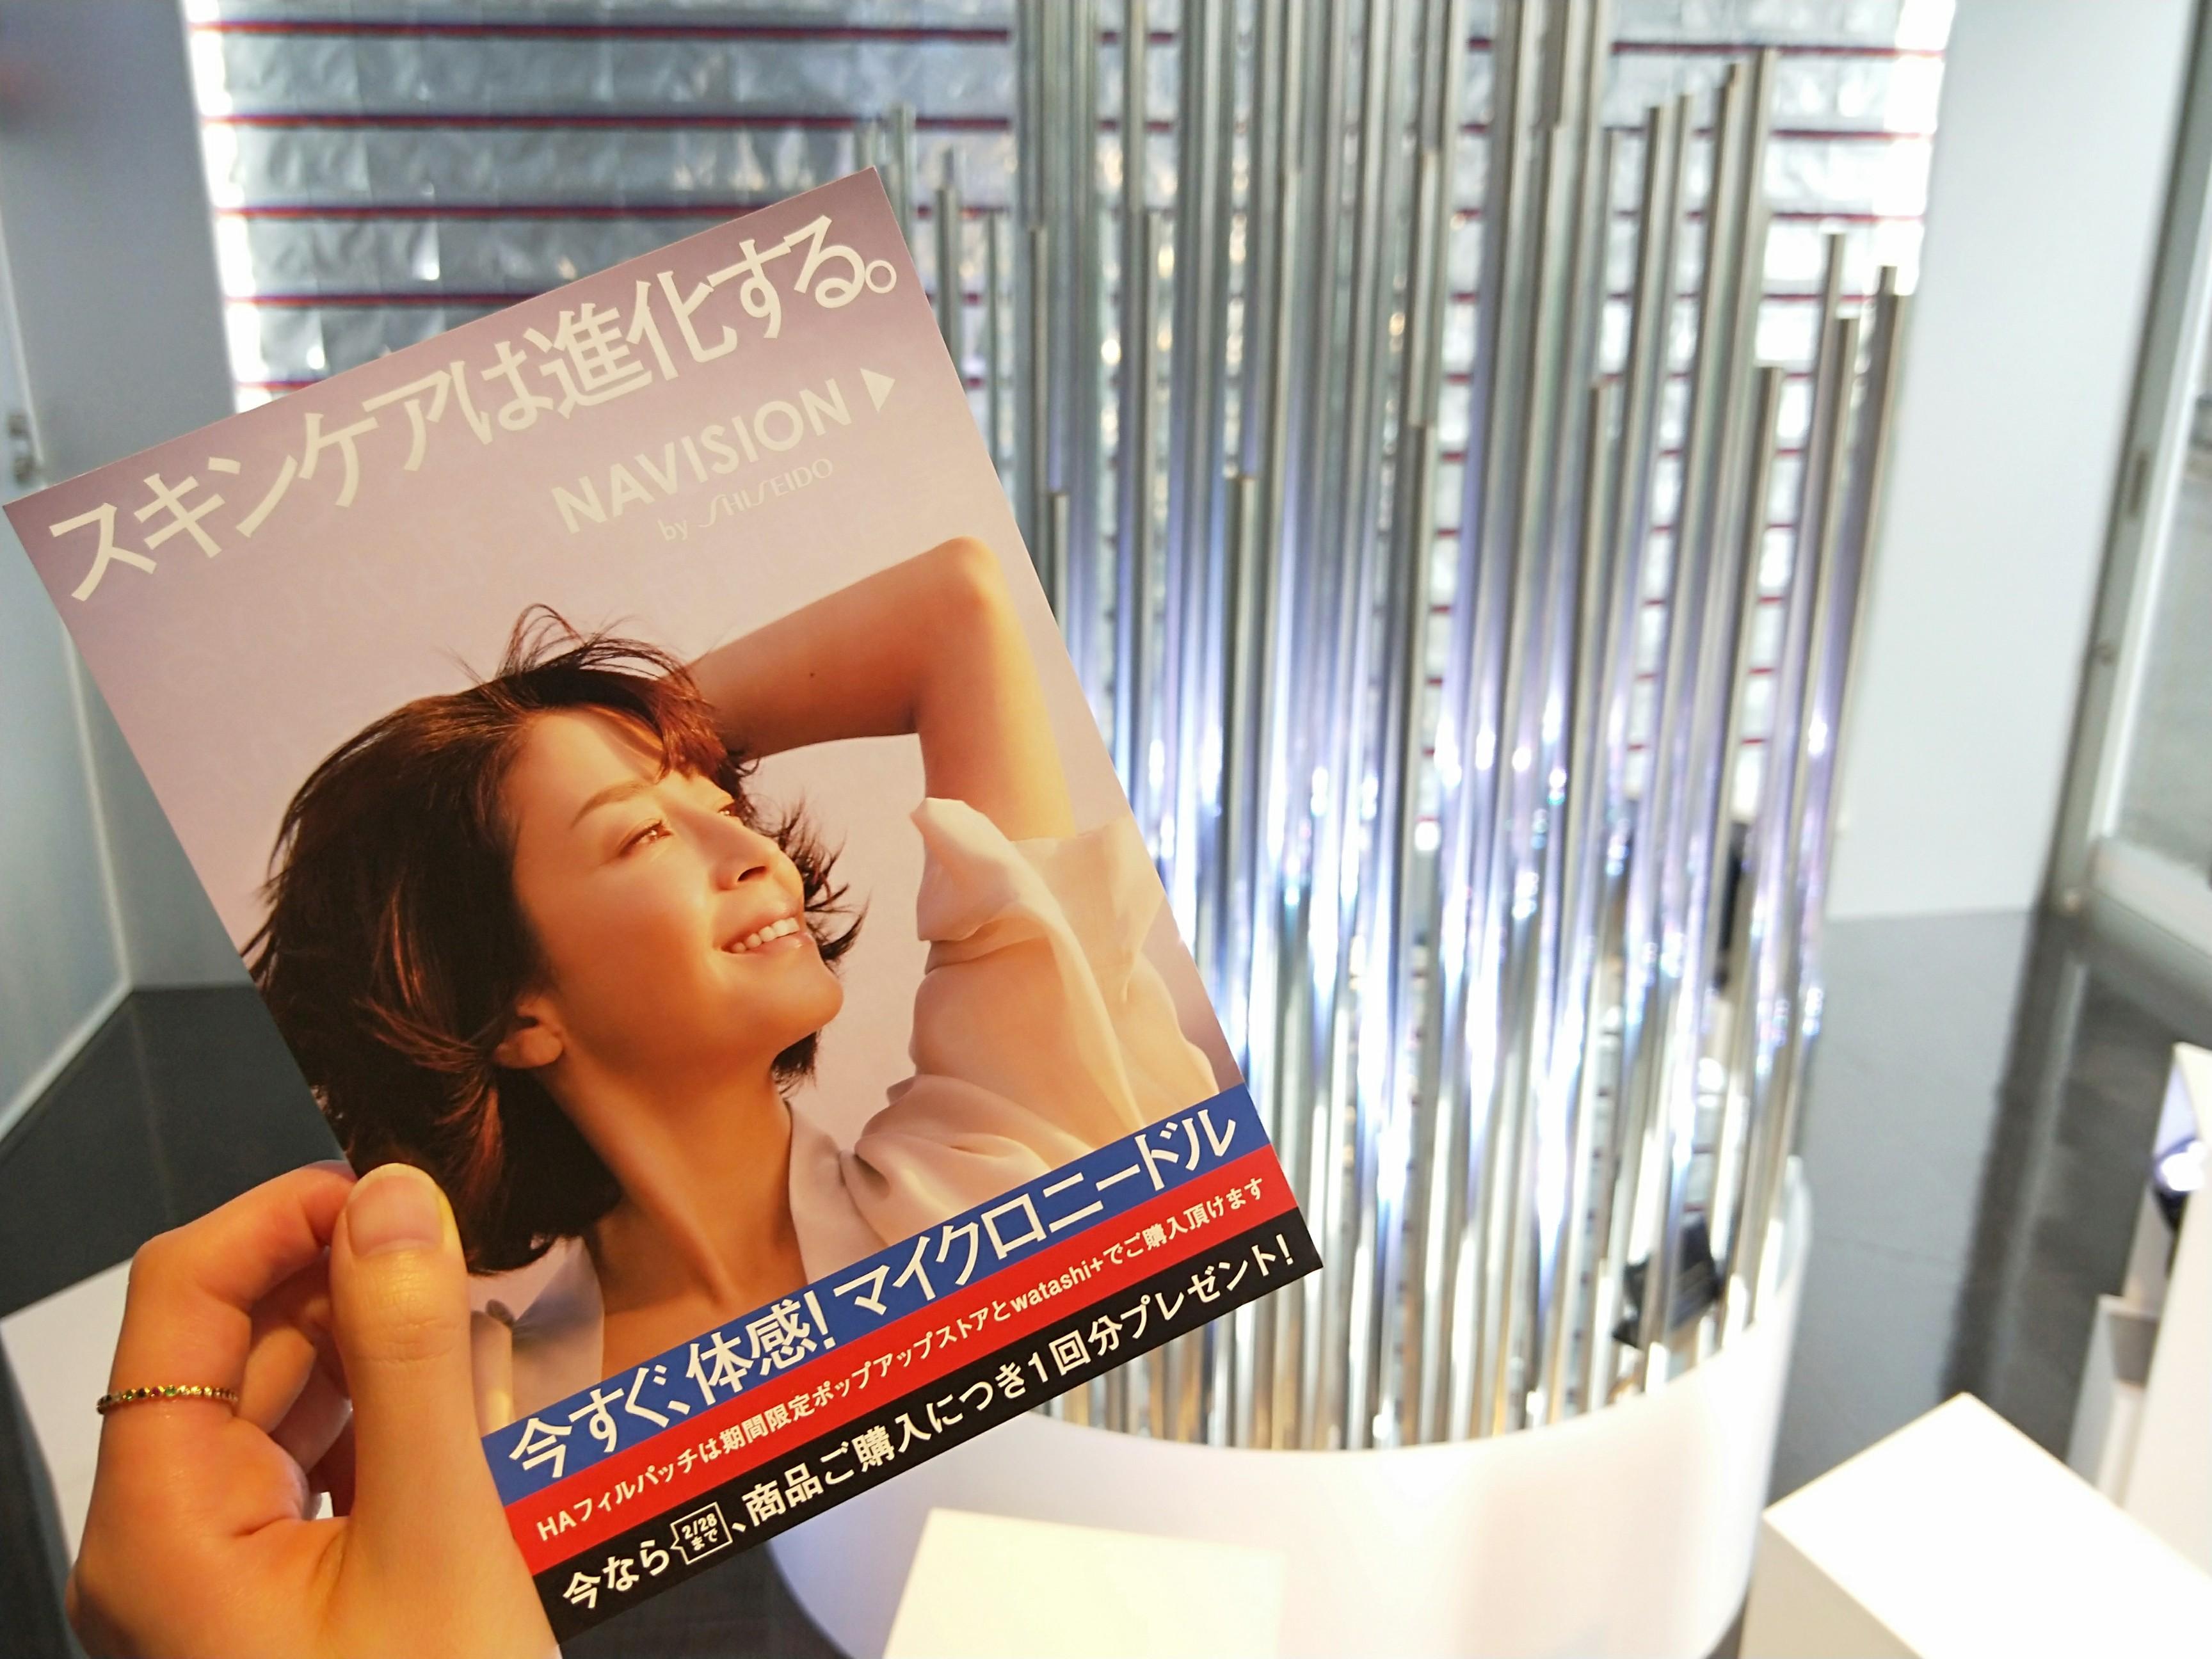 【期間限定ショップ】体験!針状のヒアルロン酸で自宅美容医療!?_1